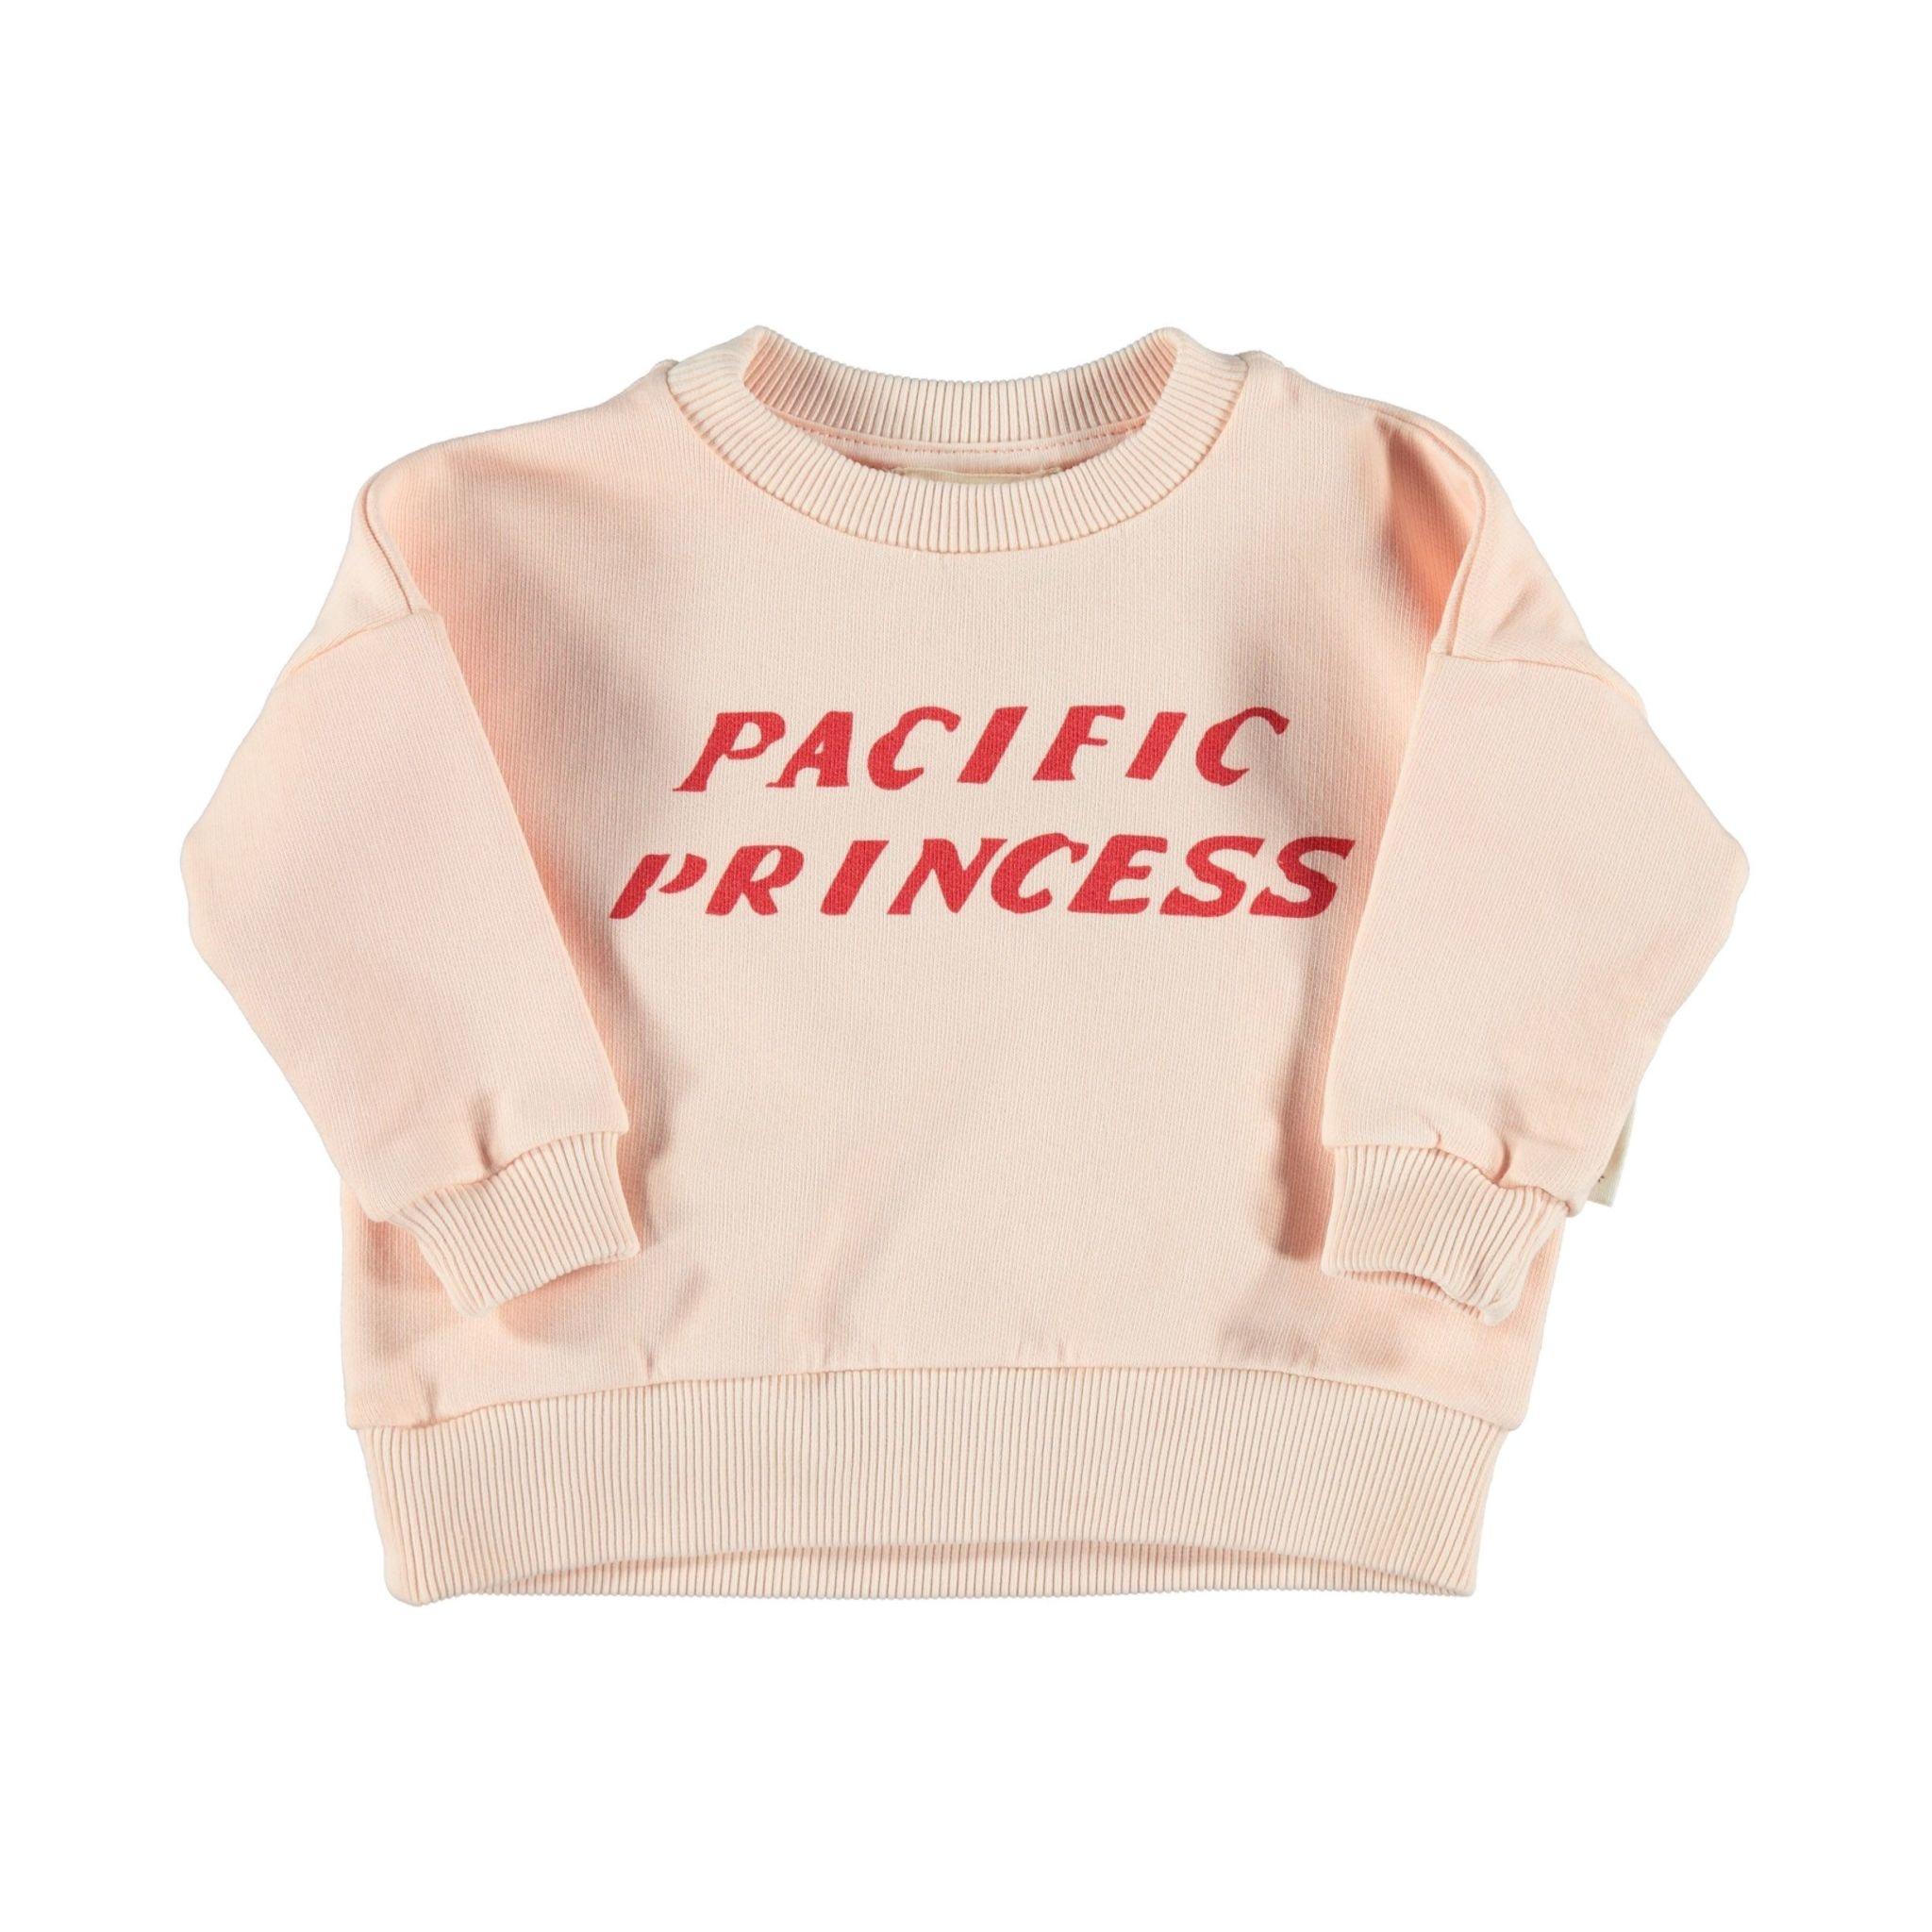 Piupiuchick Piupiuchick - Sweatshirt pacific princess